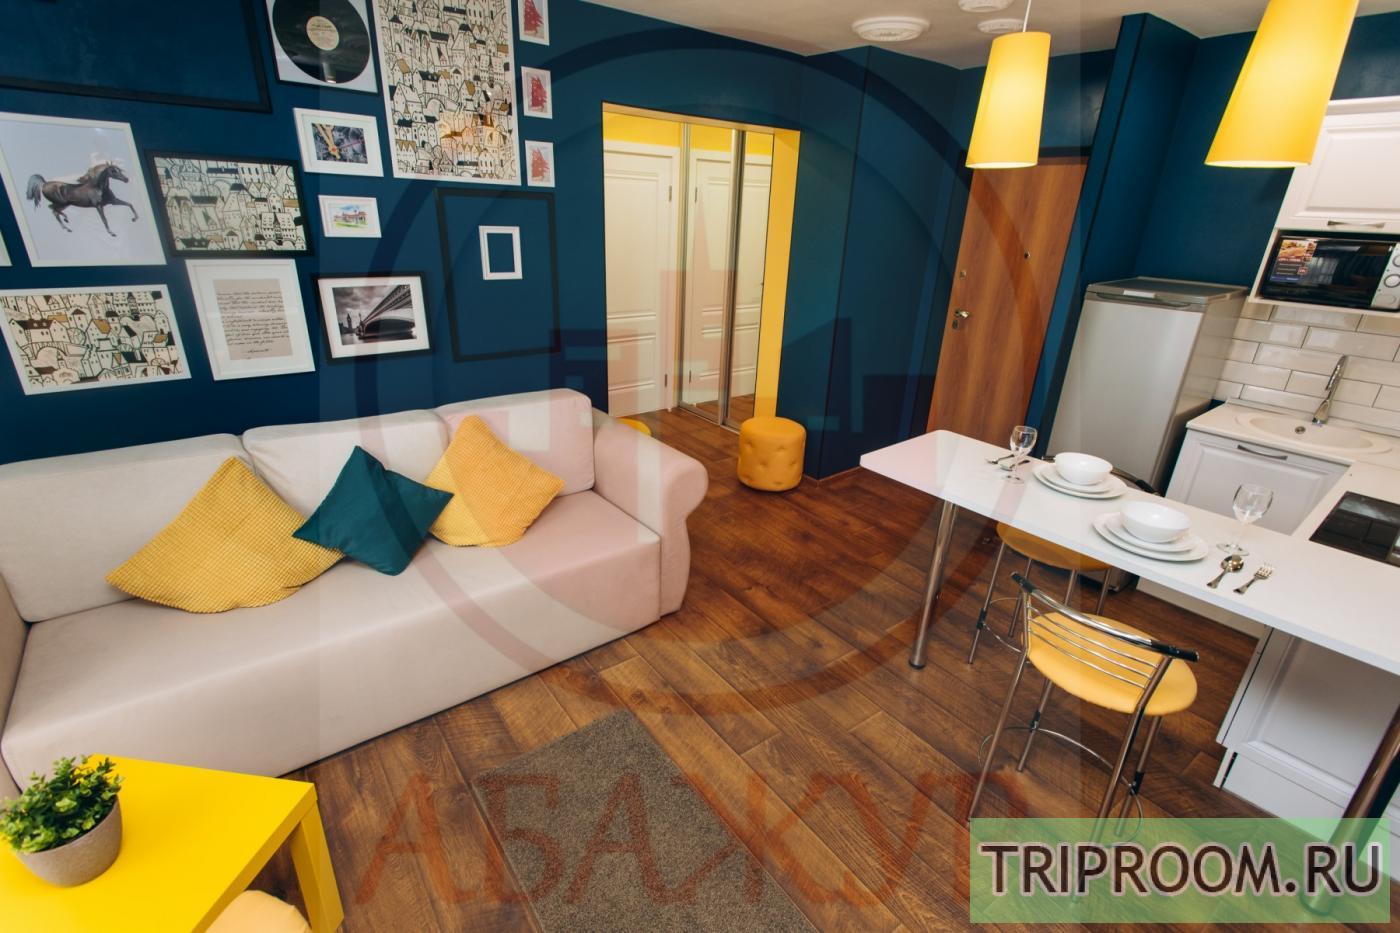 2-комнатная квартира посуточно (вариант № 23816), ул. Юмашева улица, фото № 11